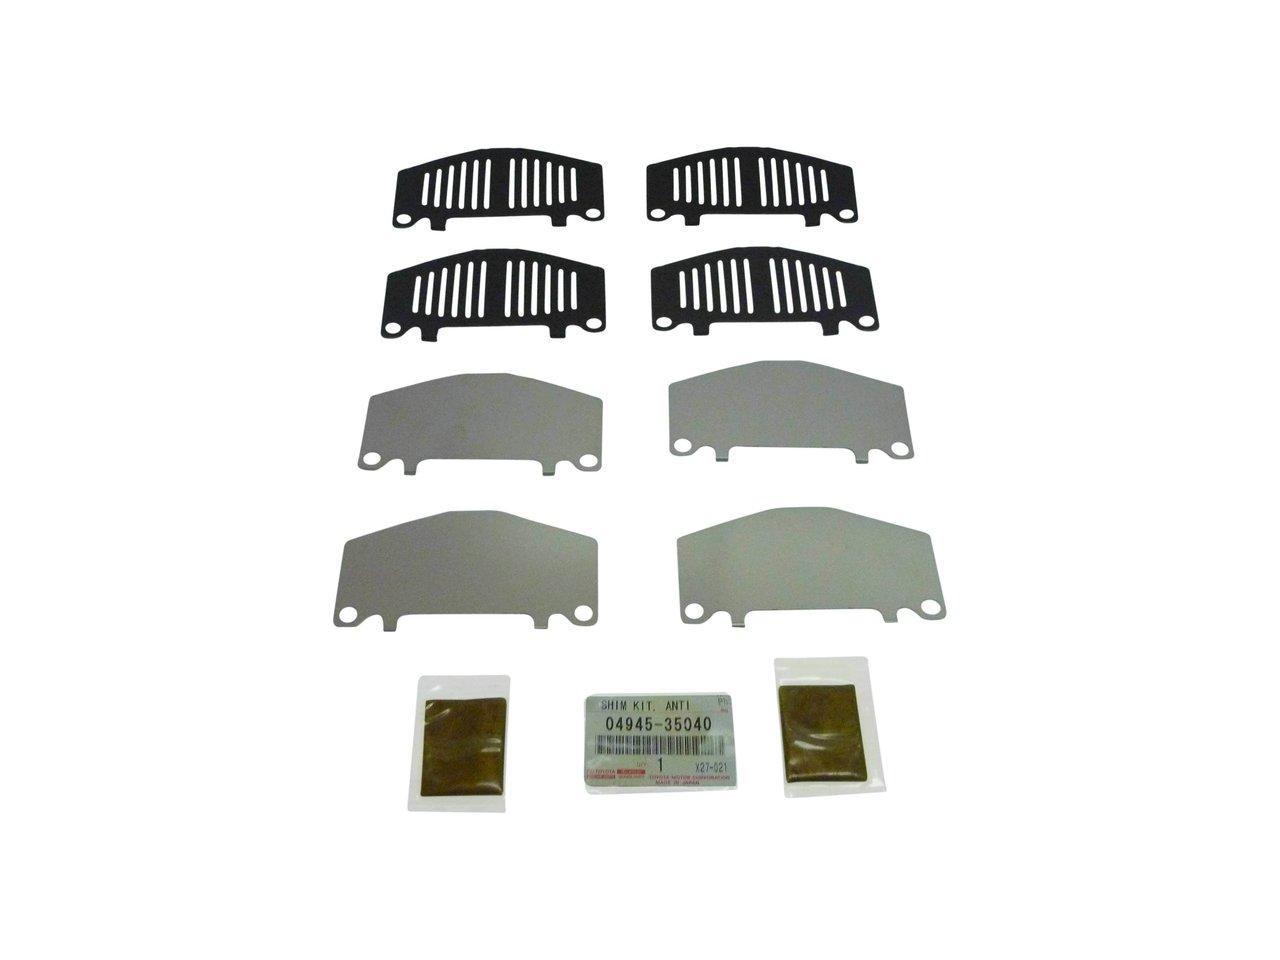 24c6cca667 Front Brake Disc Pad Shim Kit suitable for Prado Landcruiser 90-99